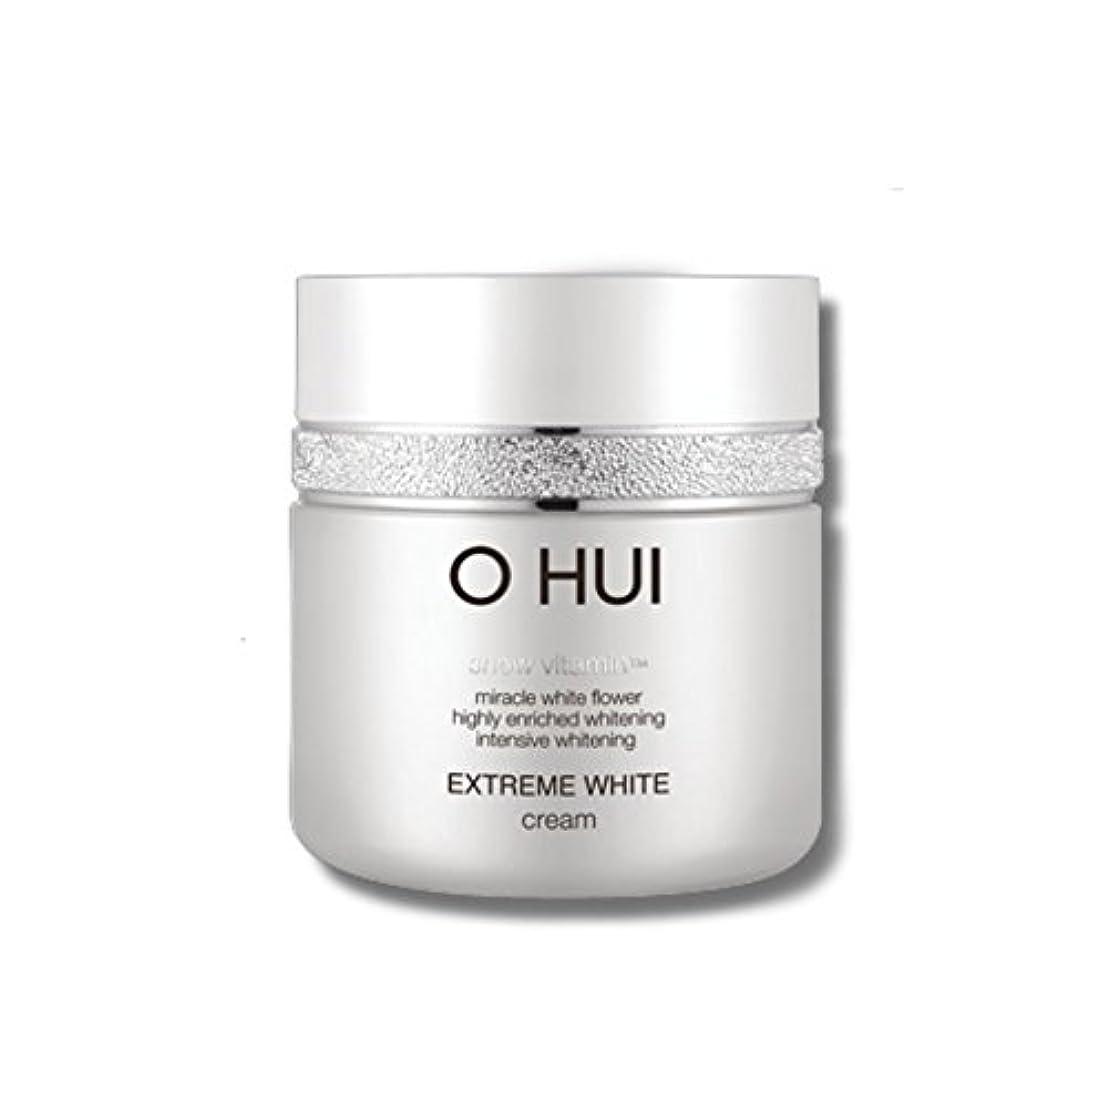 感動する実験天皇OHUI Extreme White Cream 50ml/オフィ エクストリーム ホワイト クリーム 50ml [並行輸入品]